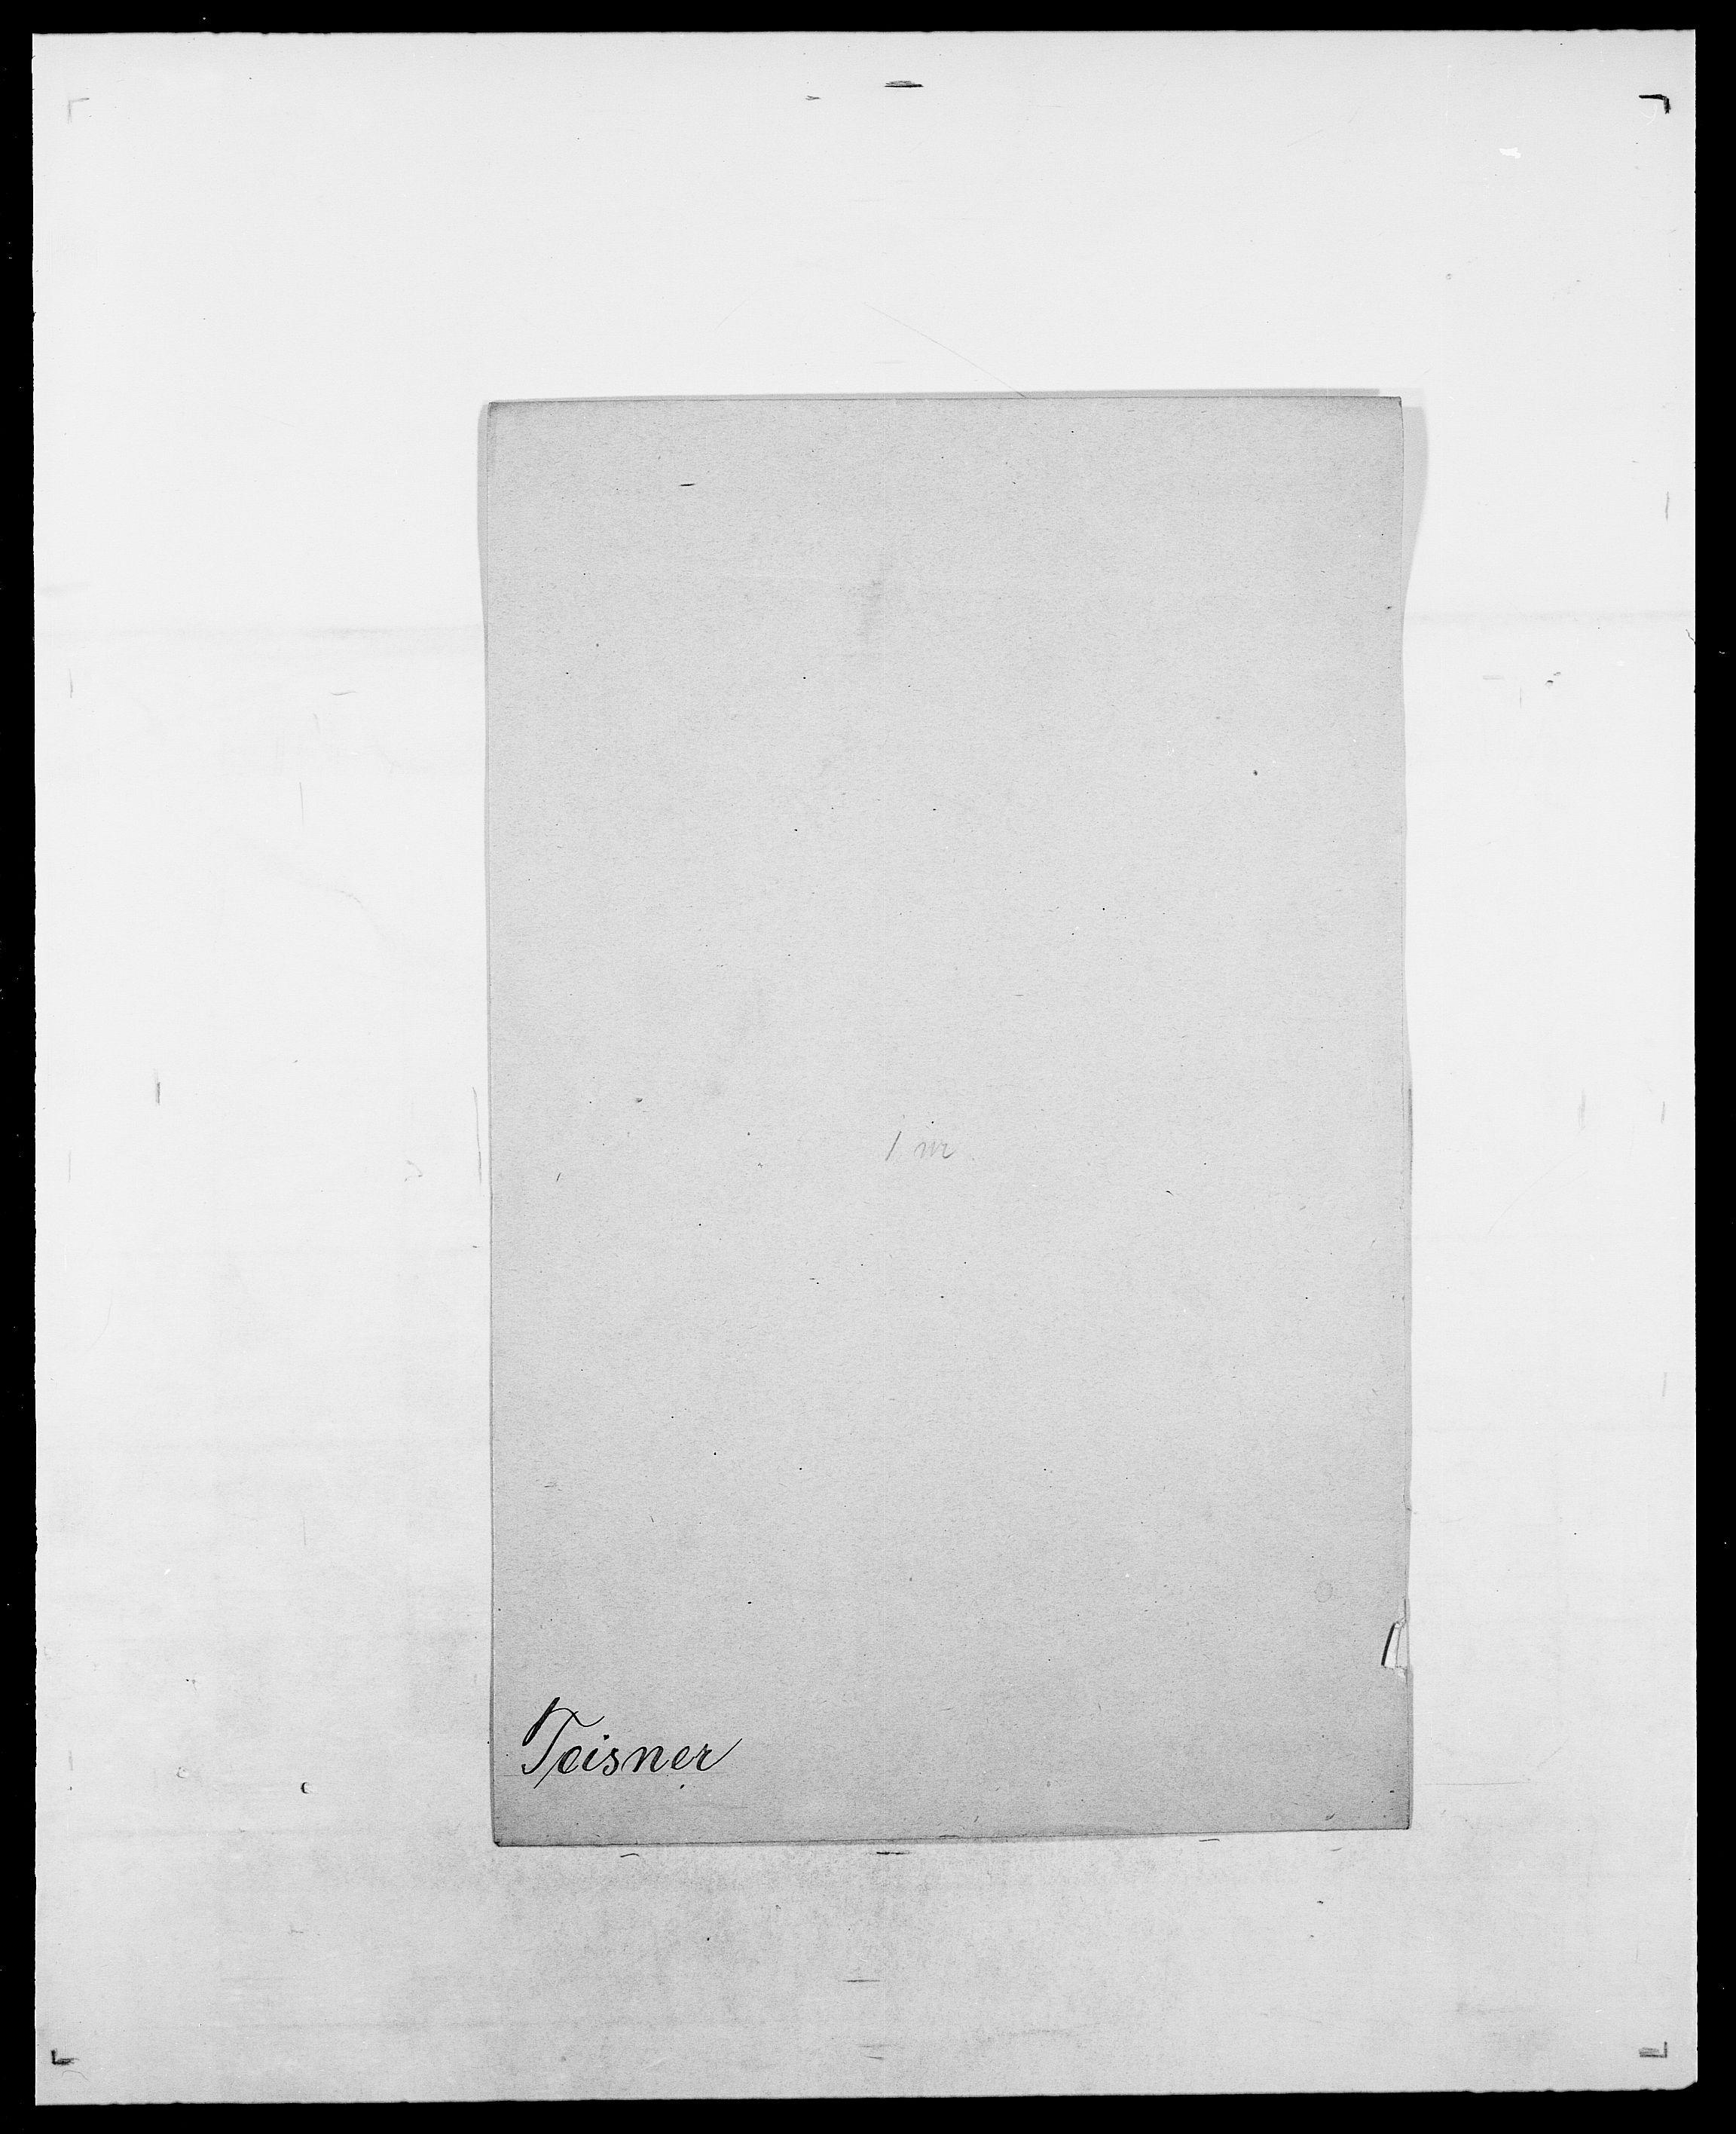 SAO, Delgobe, Charles Antoine - samling, D/Da/L0038: Svanenskjold - Thornsohn, s. 383